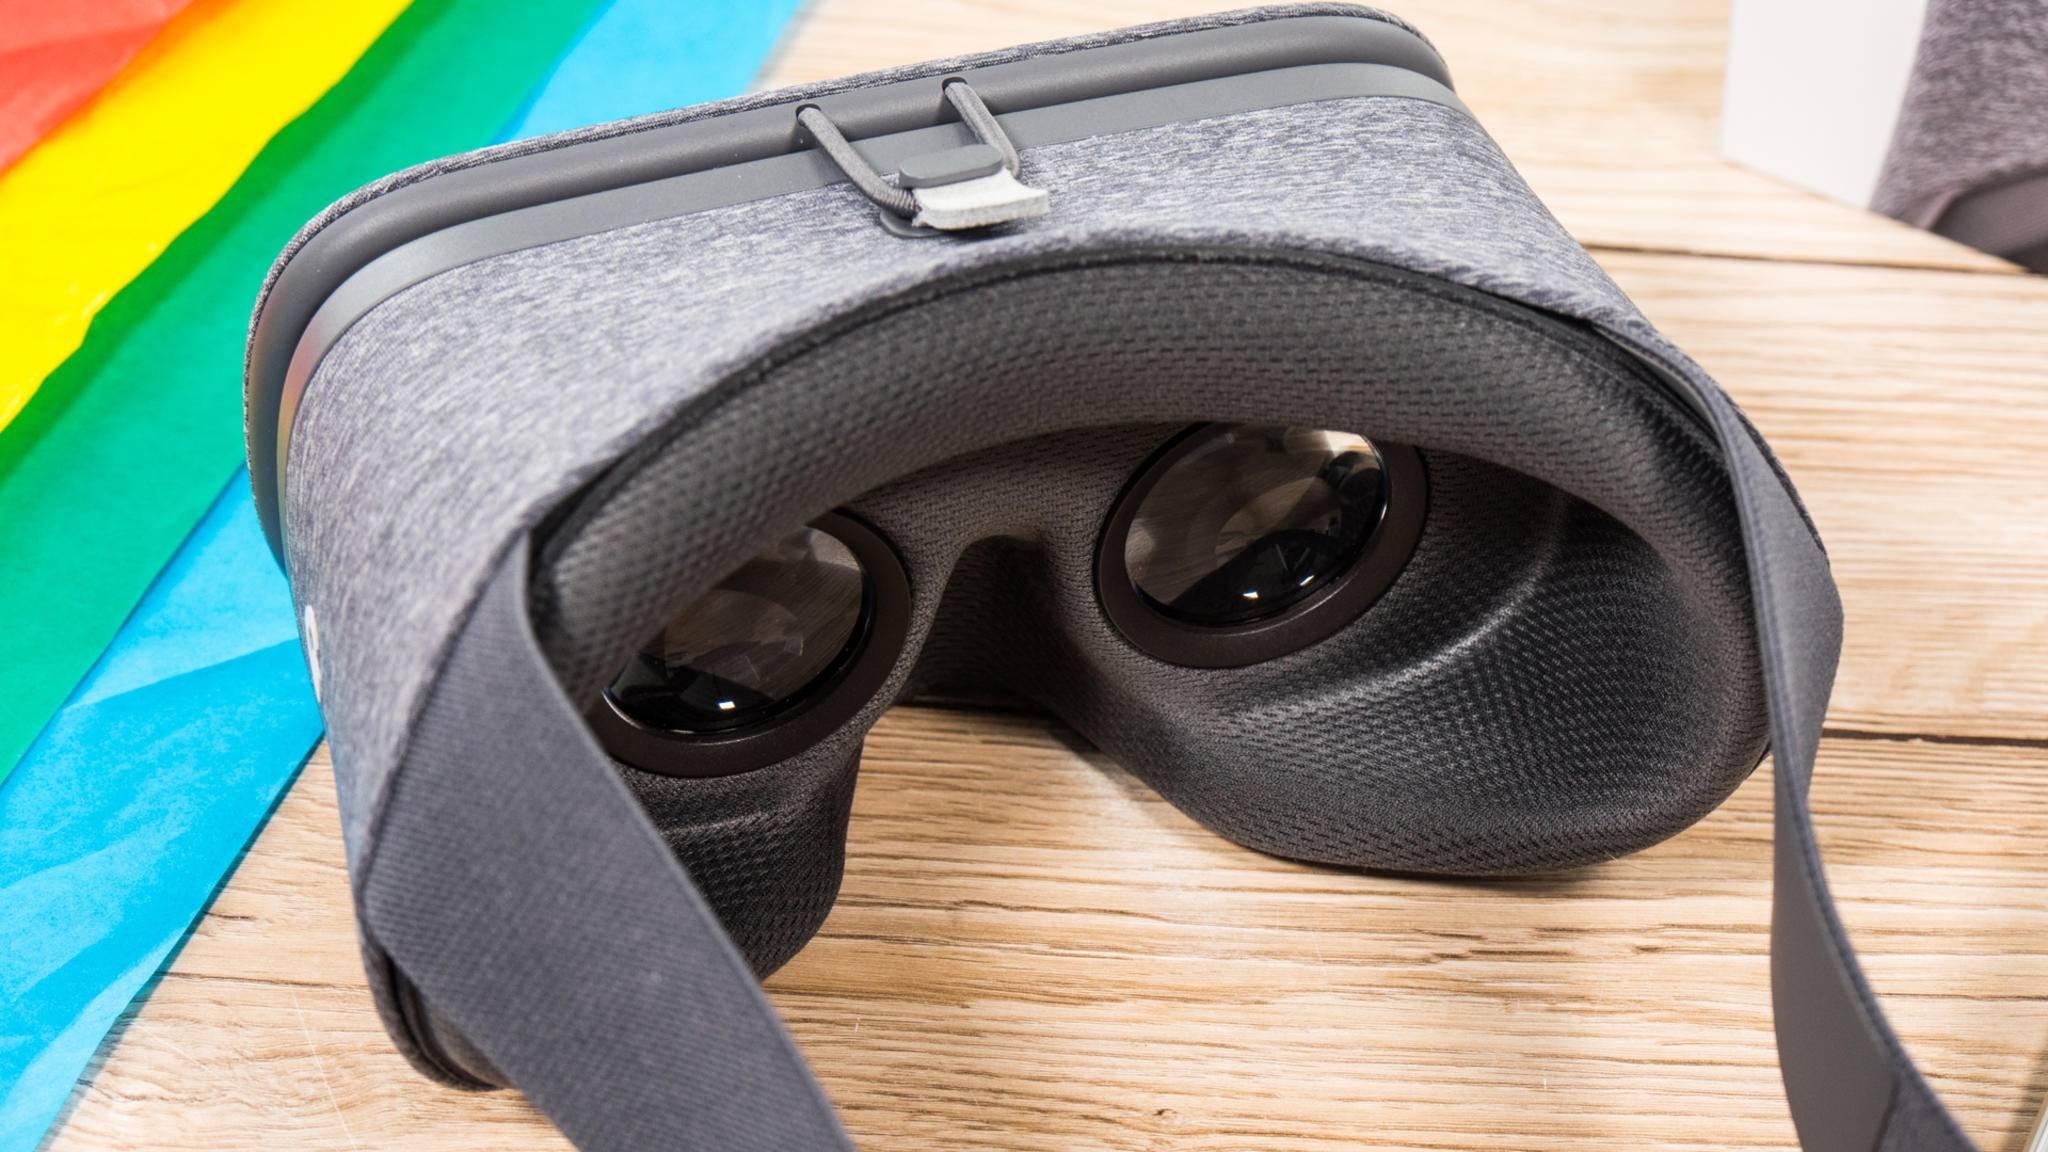 Das LG V30 wird die VR-Plattform Daydream unterstützen.